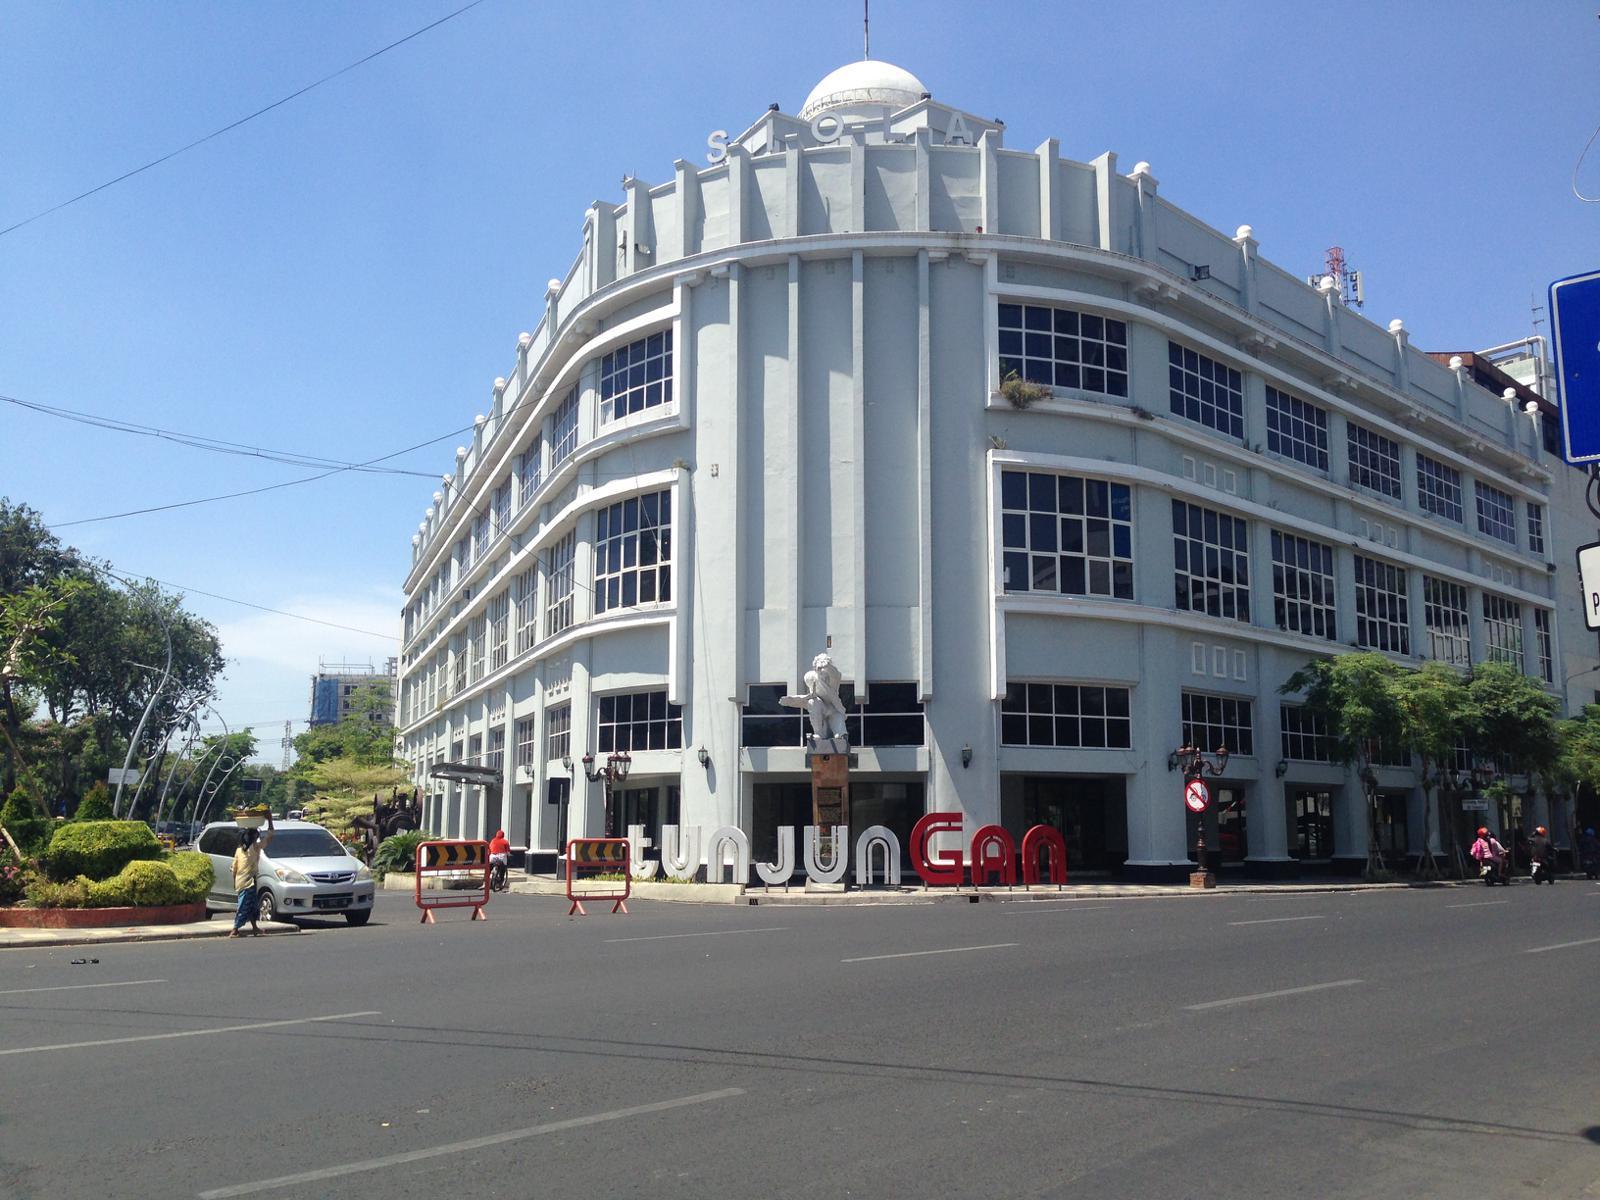 Pelatihan Surabaya Gapura Digital Koridor Coworking Space Jalan Tunjungan Genteng